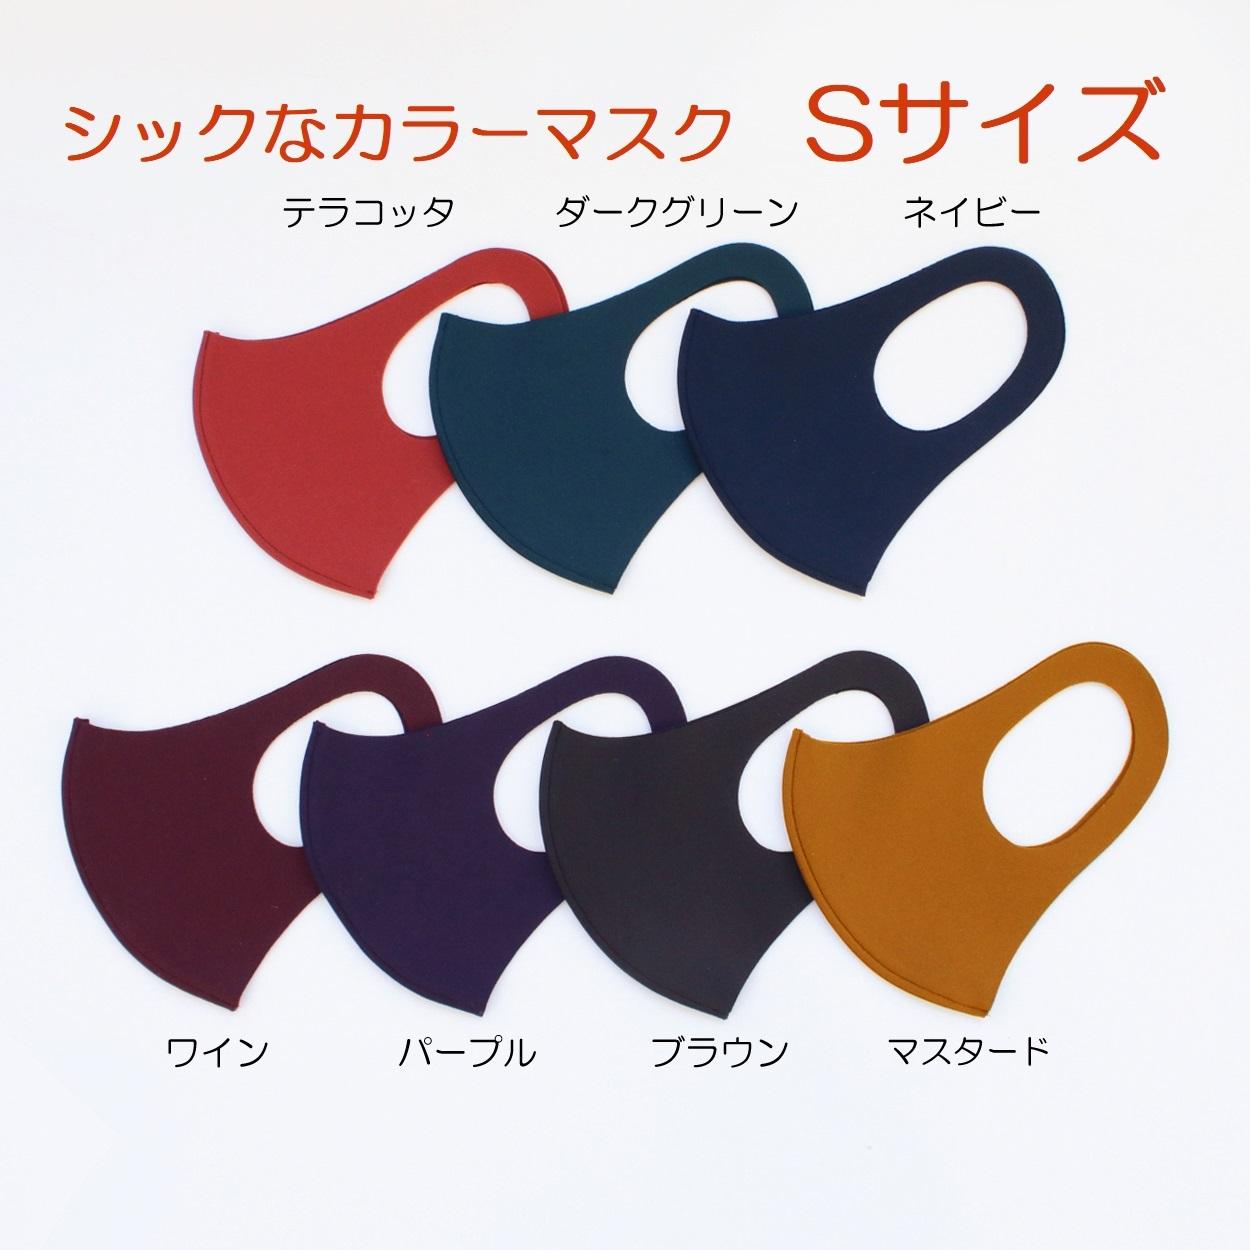 「ぷる♥」シックなカラーマスク Sサイズ-同色2枚入り【日本製】 #128 数量限定-予約販売